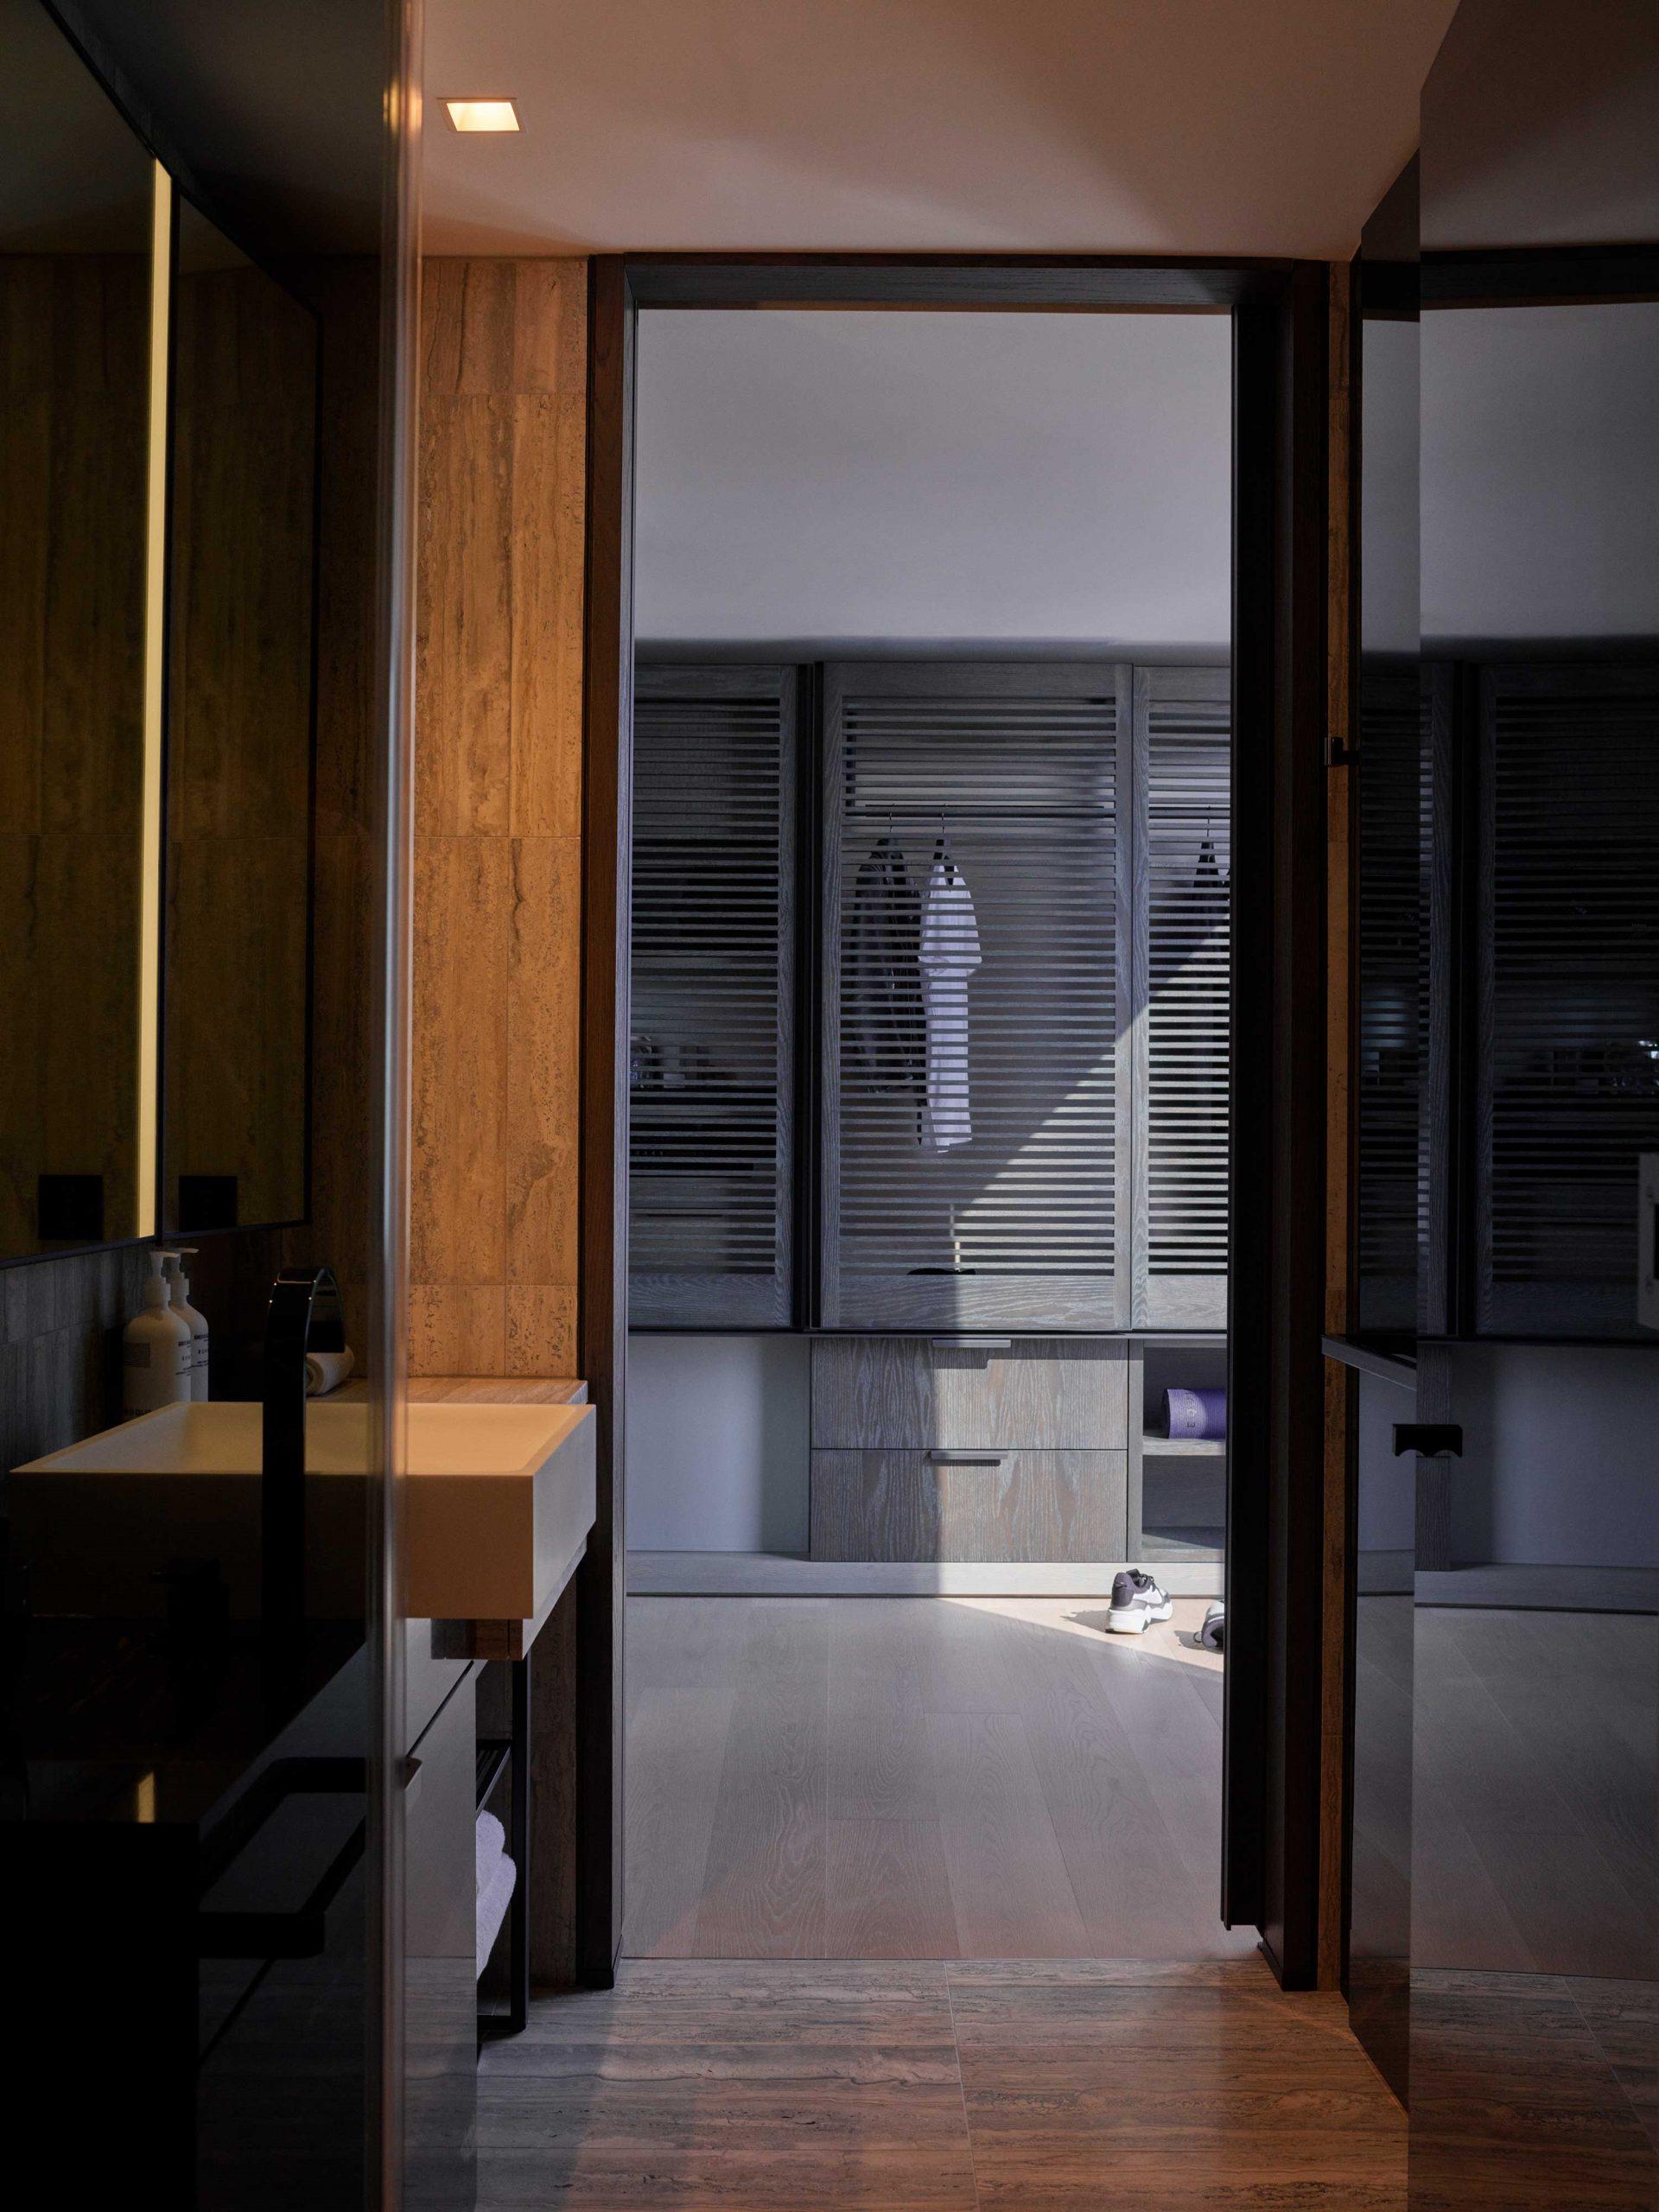 equinox hotel deluxe room